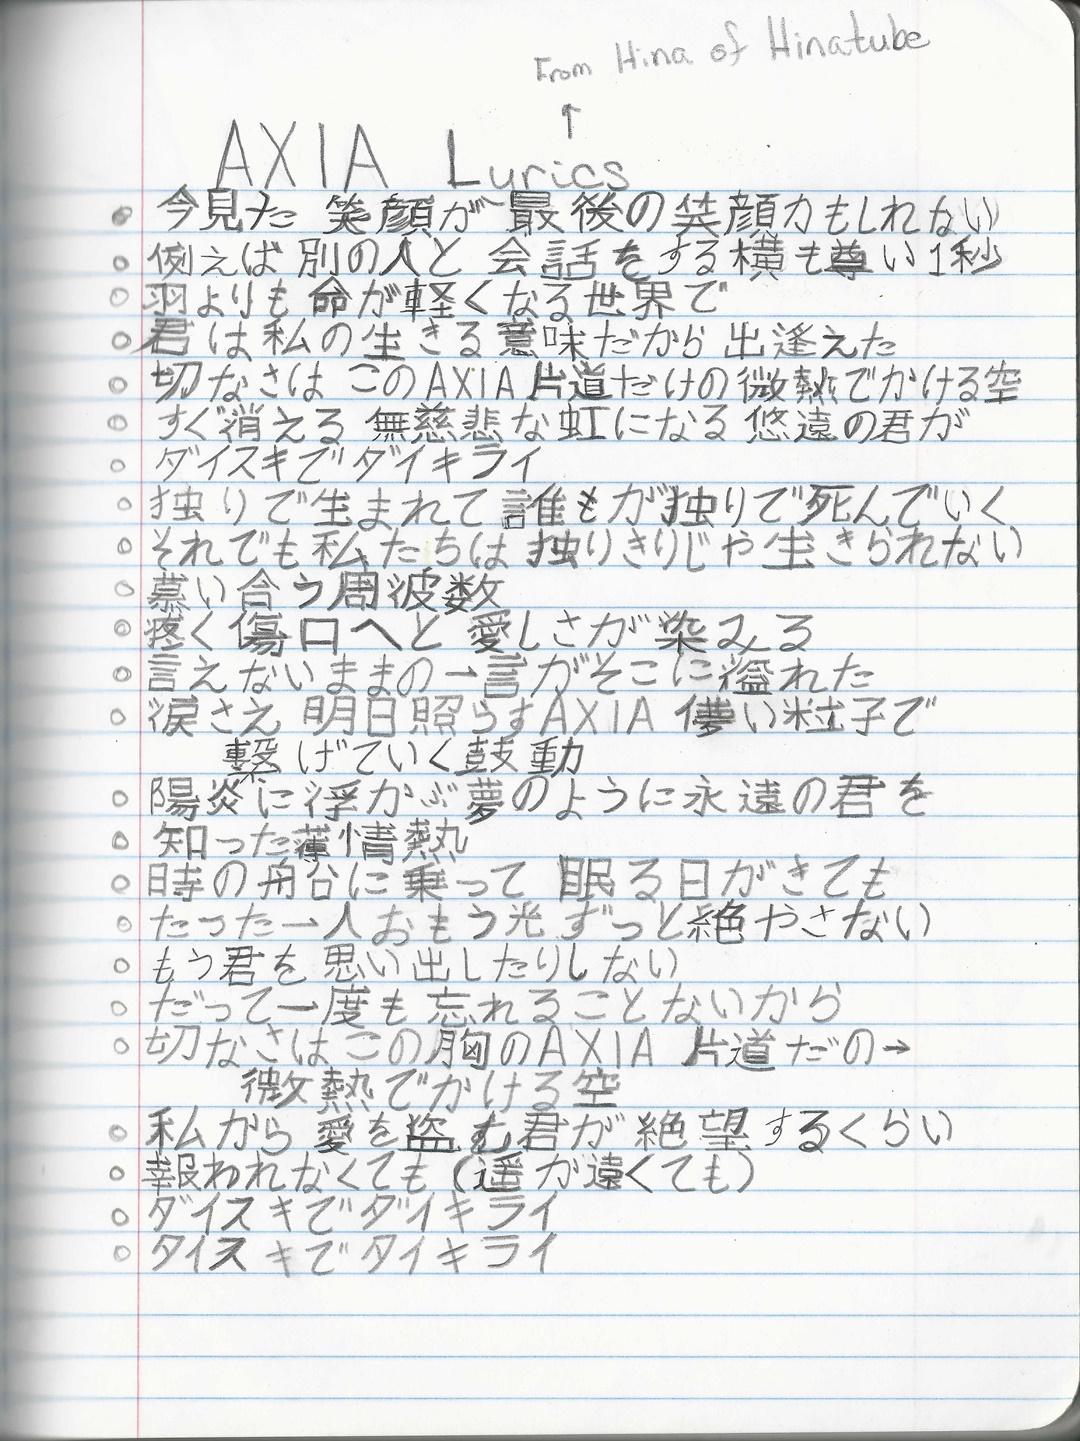 AXIA lyrics resize